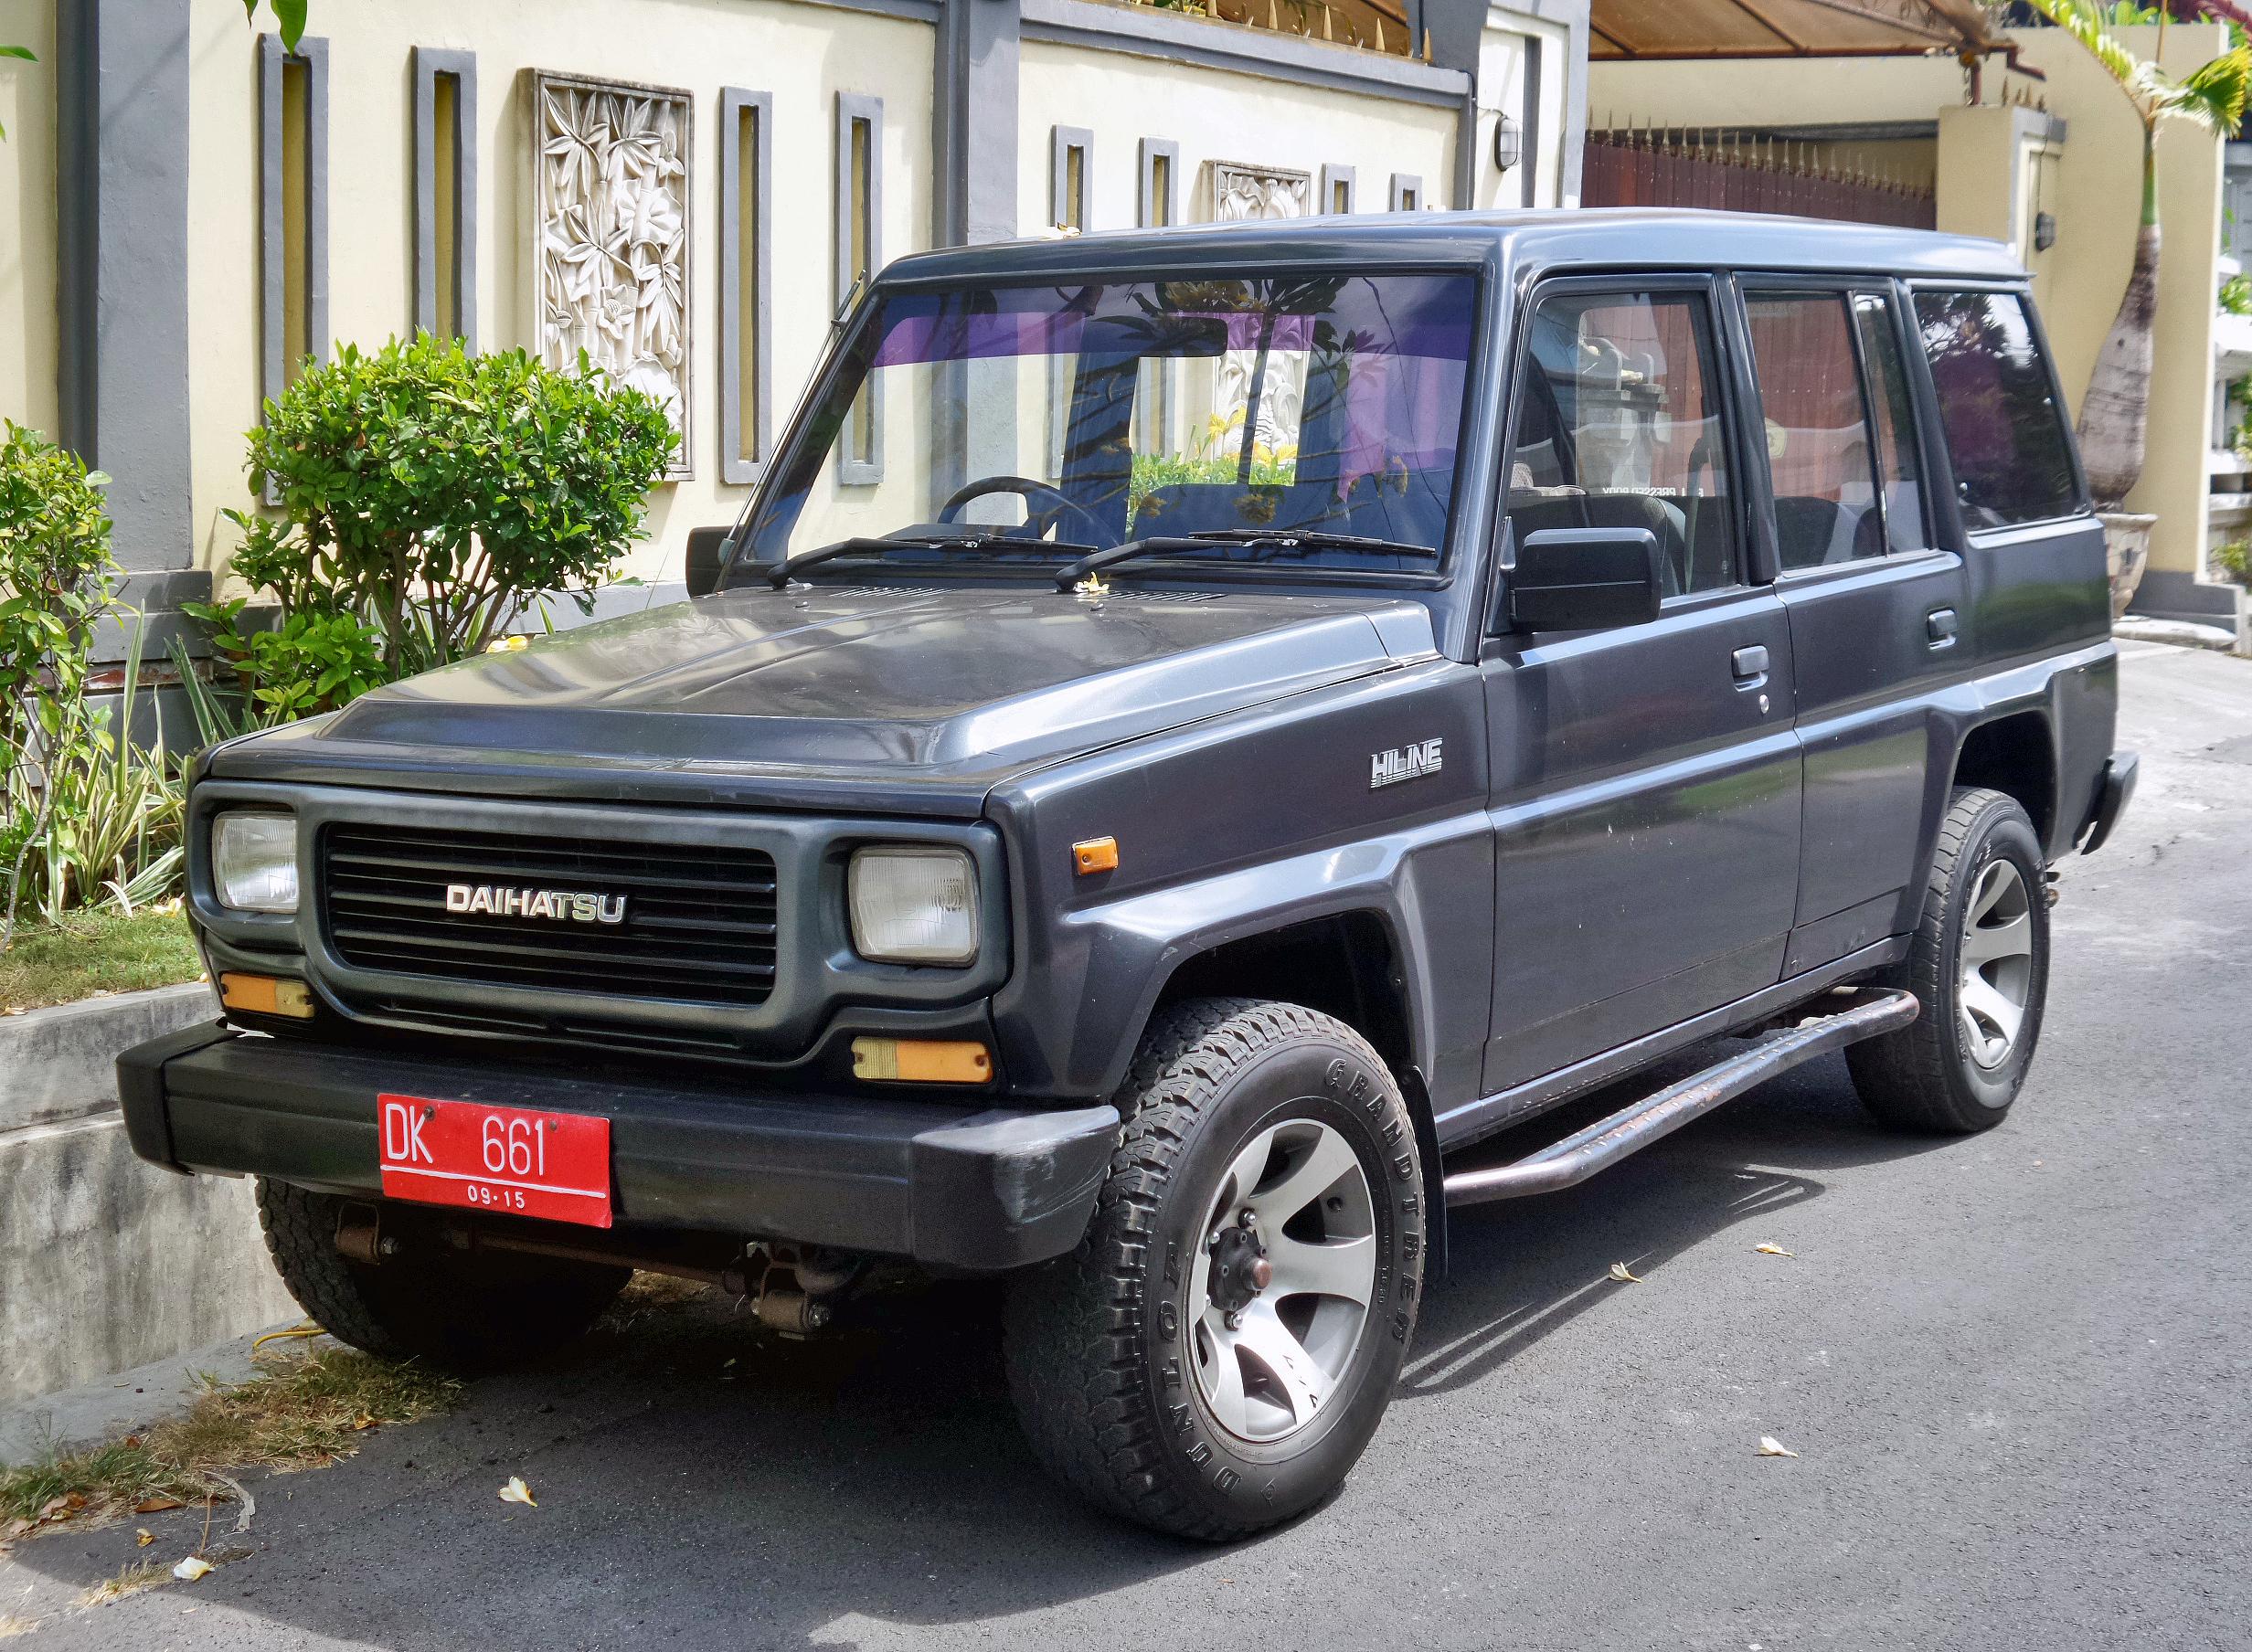 File:Daihatsu Hiline 5-door (front), Denpasar.jpg ...